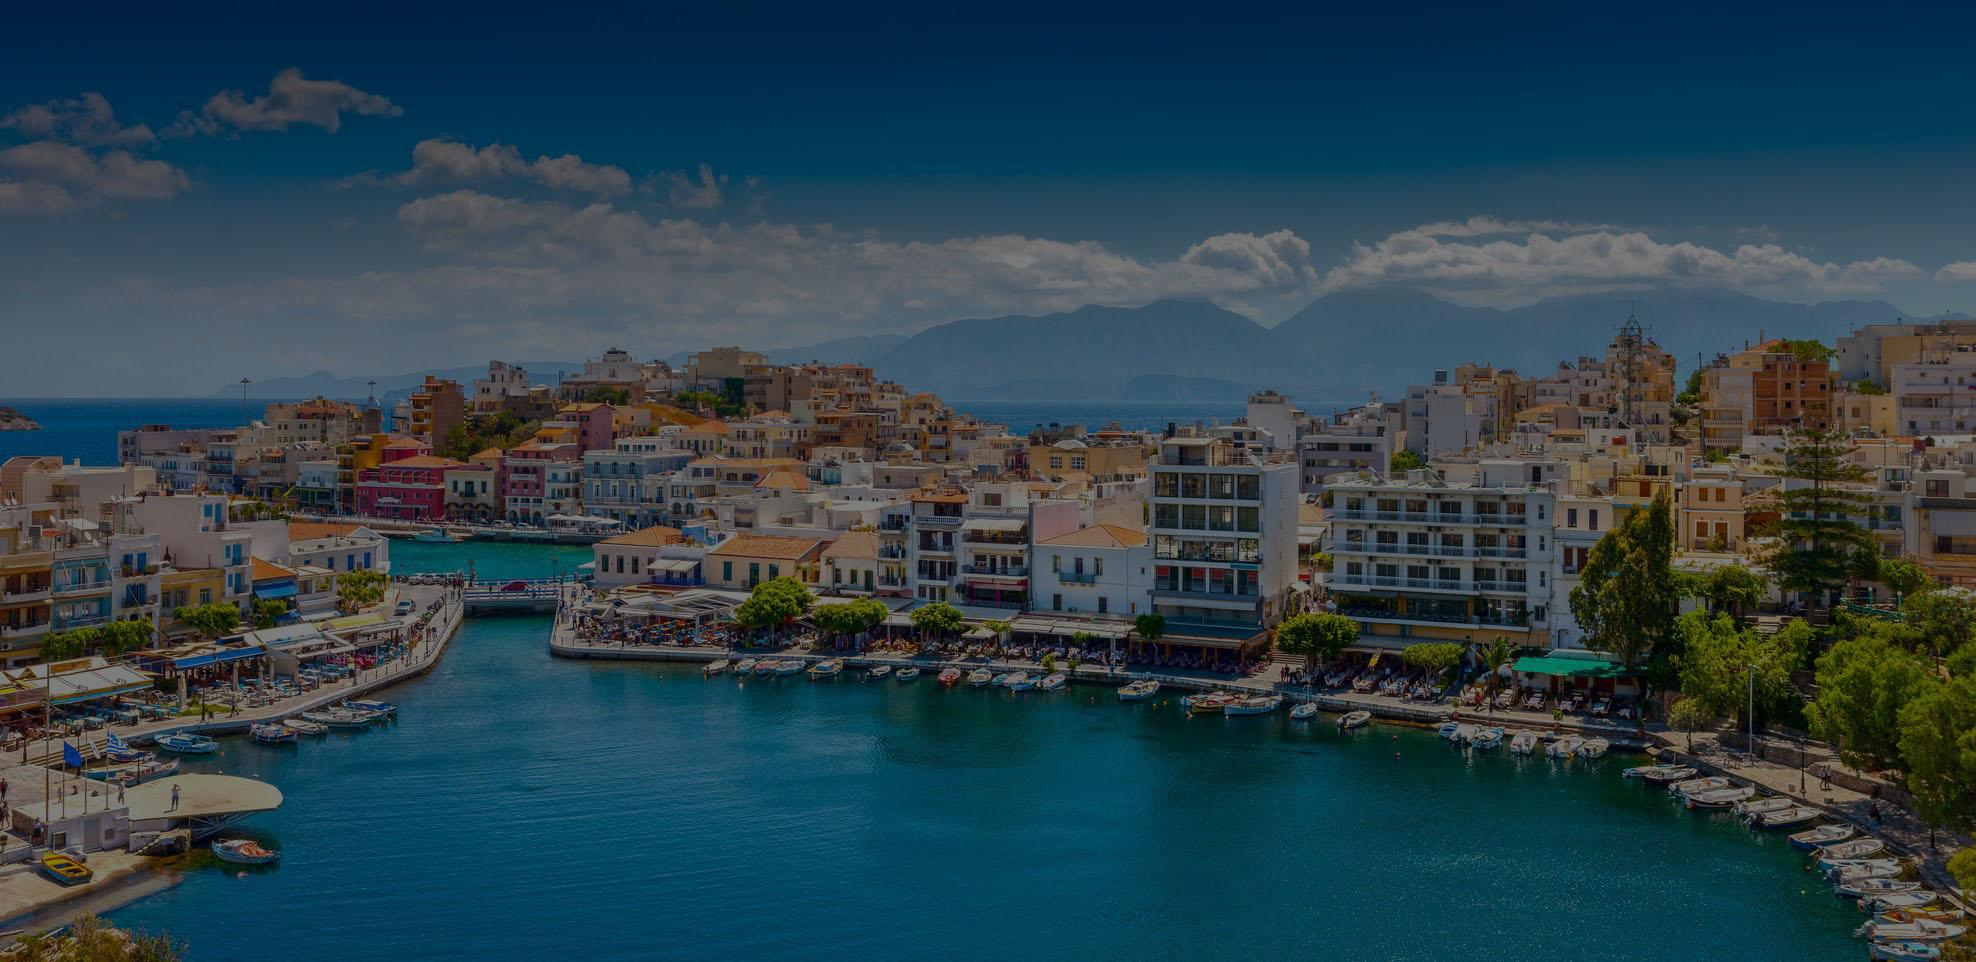 Άγιος Νικόλαος - ΑΣΤΕΚ - Ανώτερη Σχολή Τουριστικής Εκπαίδευσης Κρήτης